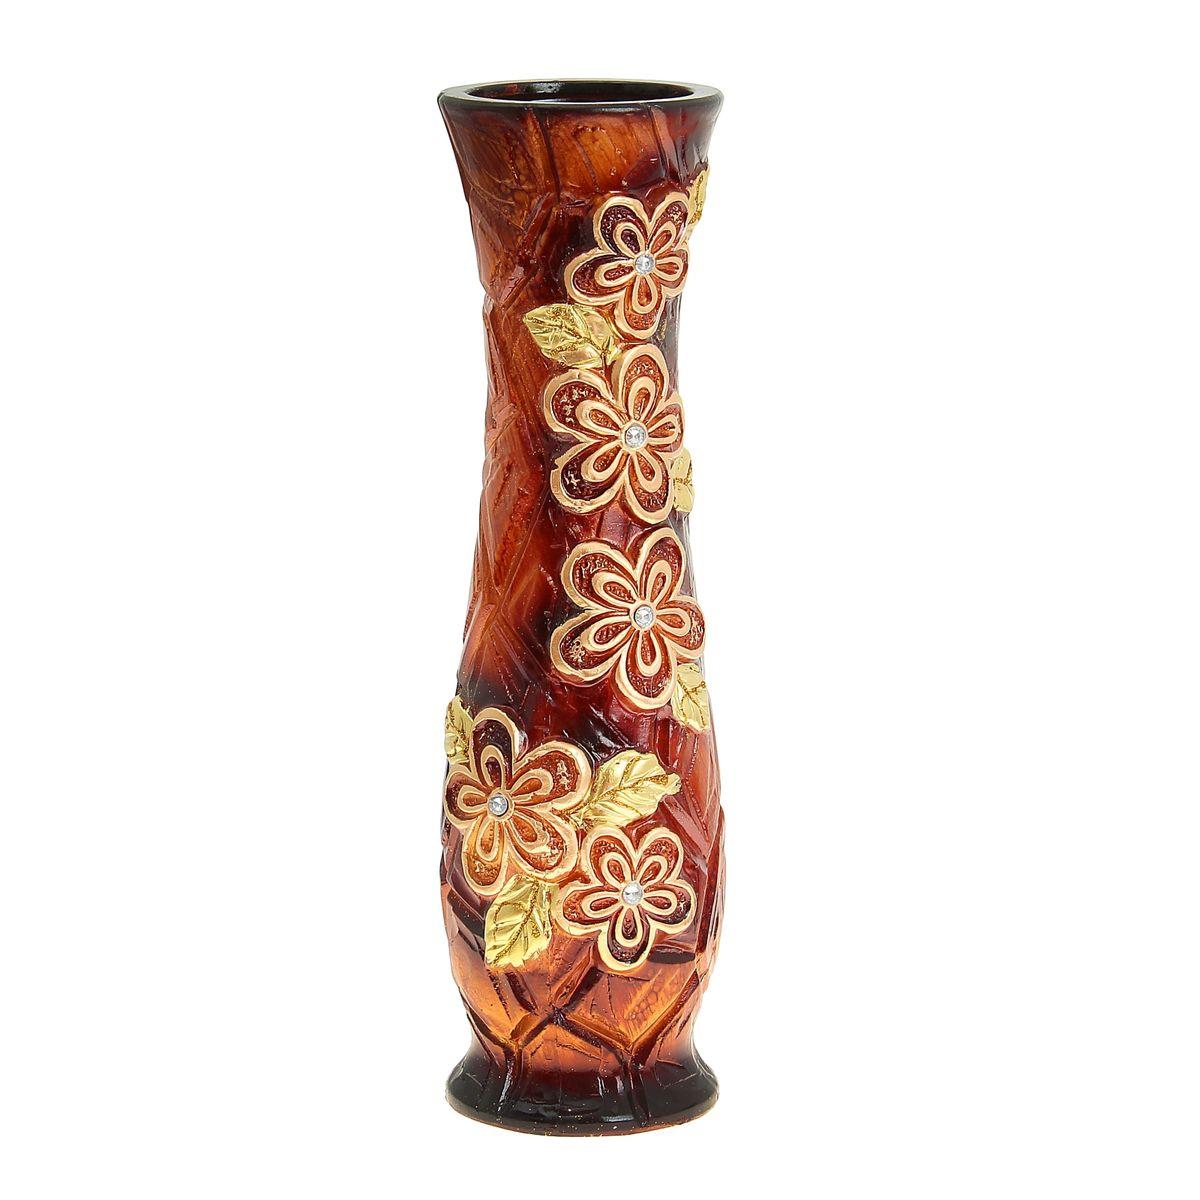 Ваза напольная Sima-land Ромашковое поле, высота 60 смFS-80264Напольная ваза Sima-land Ромашковое поле, выполненная из керамики, станет изысканным украшением интерьера. Она предназначена как для живых, так и для искусственных цветов. Интересная форма и необычное оформление сделают эту вазу замечательным украшением интерьера. Любое помещение выглядит незавершенным без правильно расположенных предметов интерьера. Они помогают создать уют, расставить акценты, подчеркнуть достоинства или скрыть недостатки.Высота: 60 см.